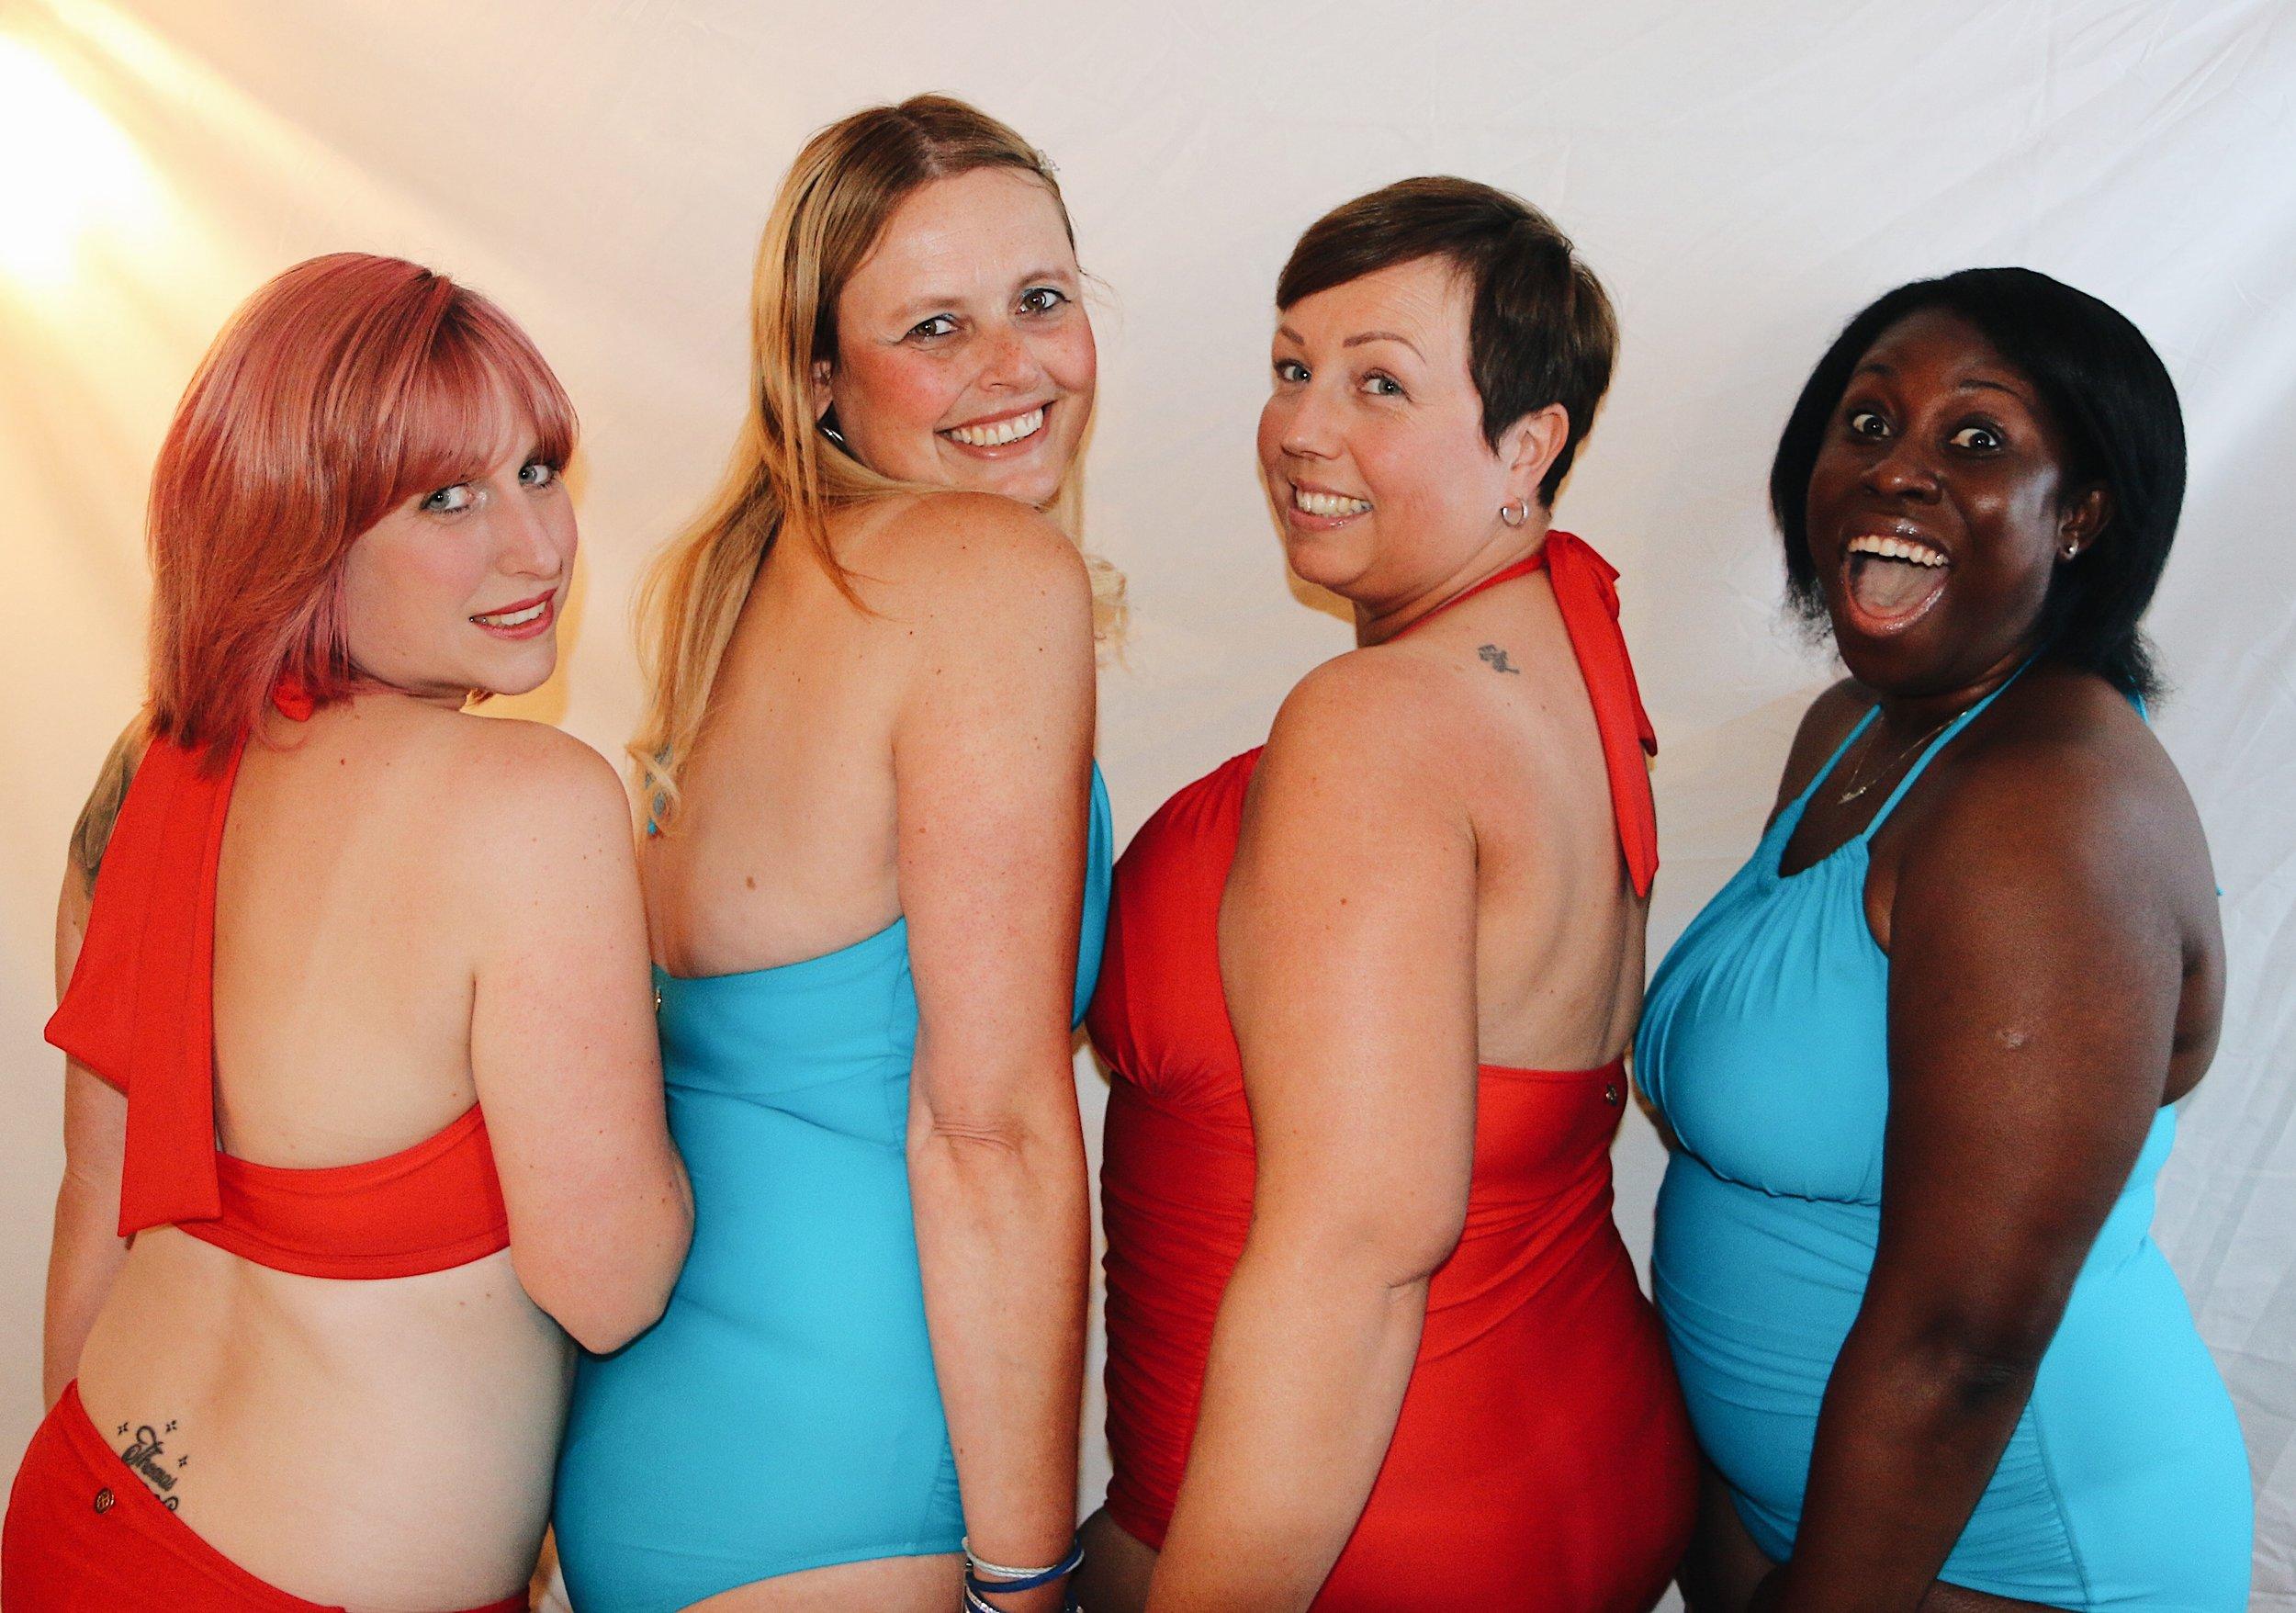 BBB Back shot 4 girls.JPG